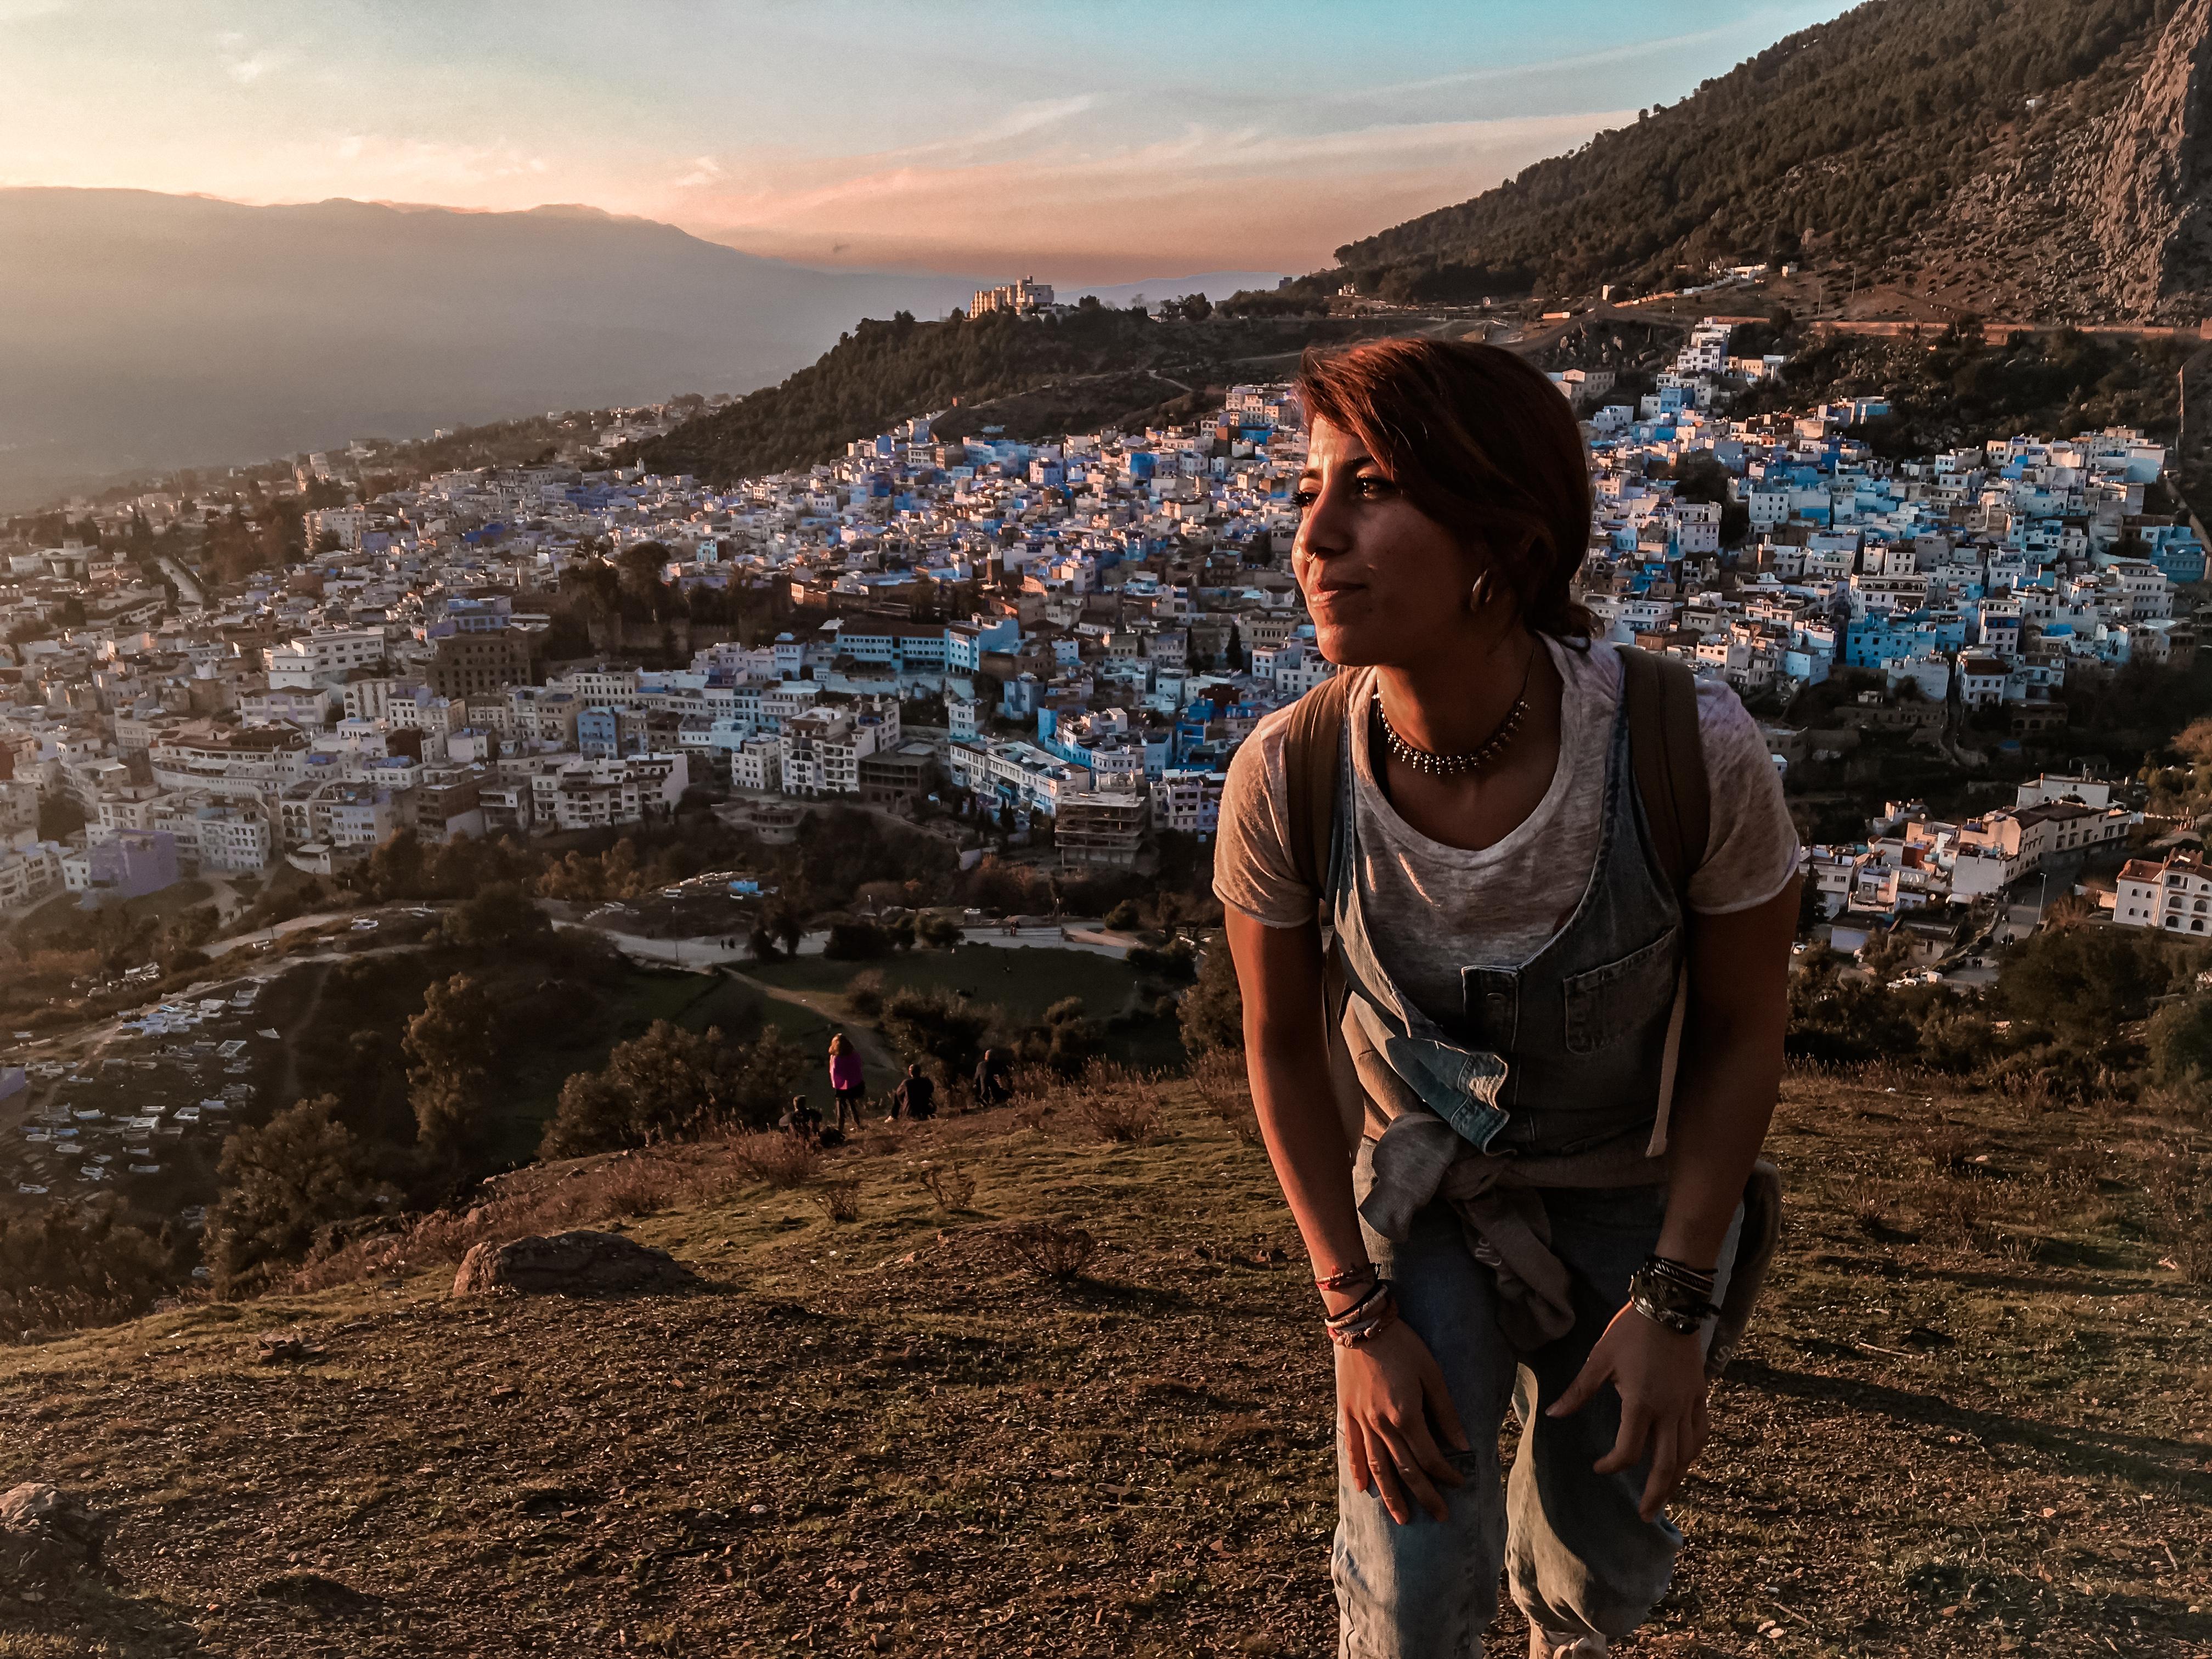 Alle mie spalle la città azzurra di Chefchaouen, in Marocco. Il tramonto colora il paesaggio d'aranc